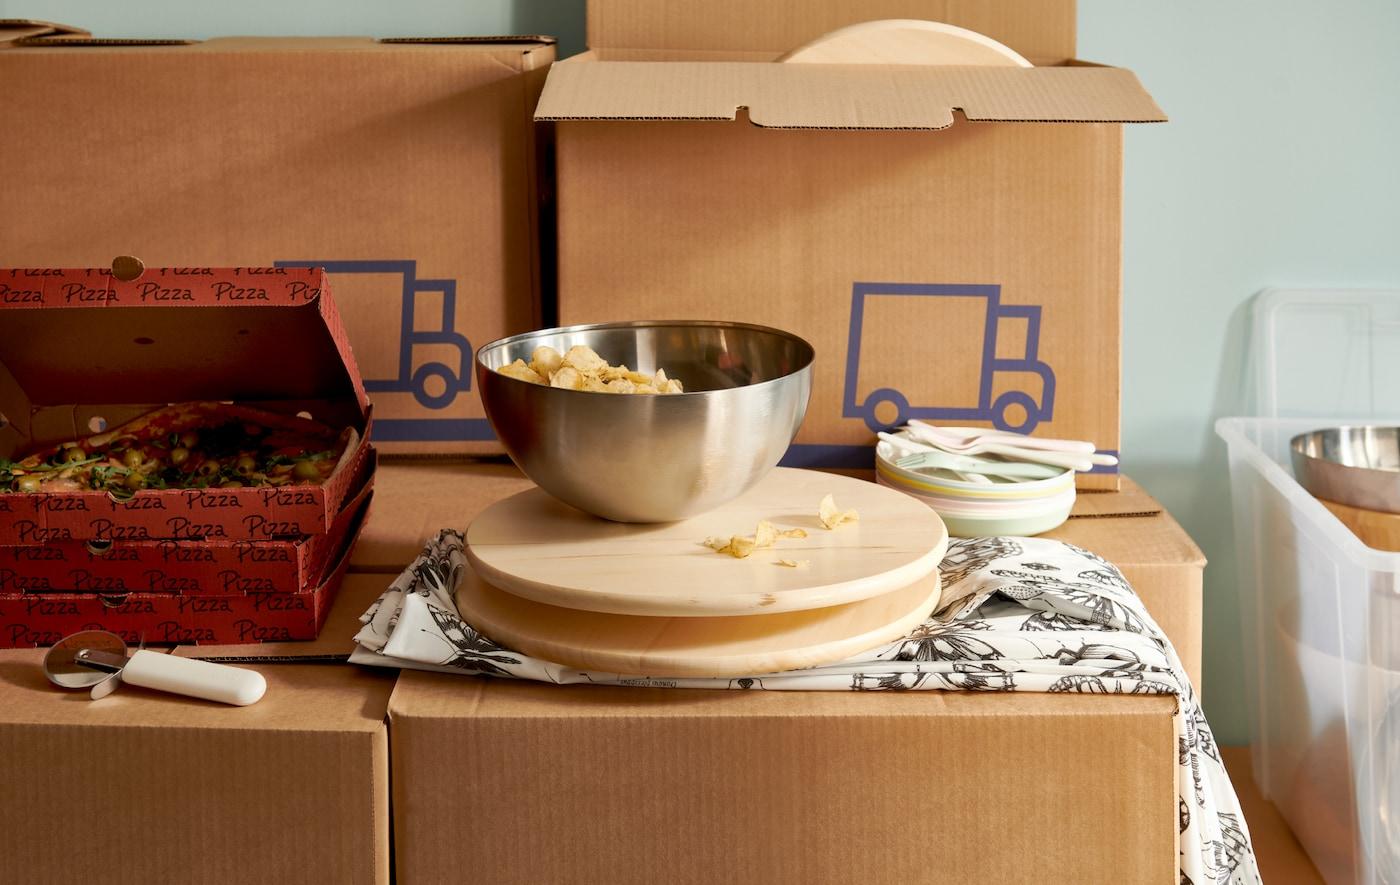 Pizze da asporto nei cartoni e snack in una ciotola BLANDA BLANK appoggiata su un vassoio girevole, sopra dei cartoni da imballaggio JÄTTENE accostati per formare un tavolo - IKEA